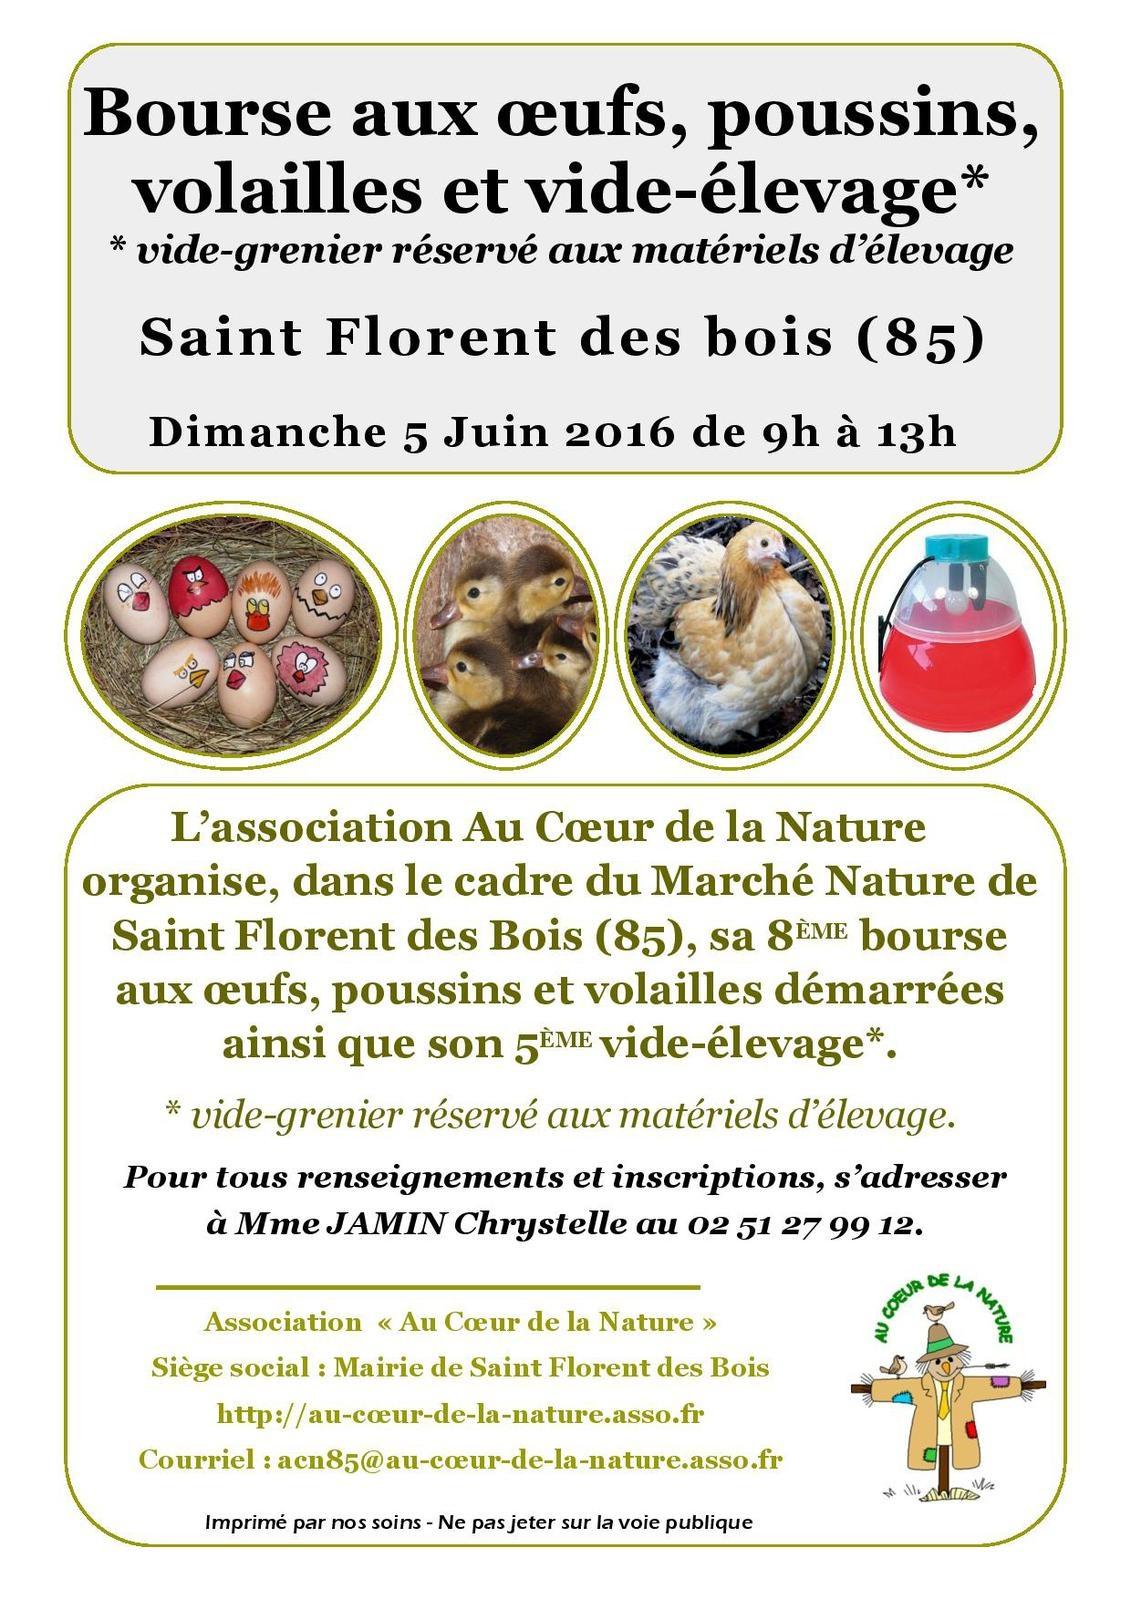 Bourse aux oeufs, poussins, volailles et vide-élevage à Saint Florent des Bois (85), le dimanche 05 juin 2016